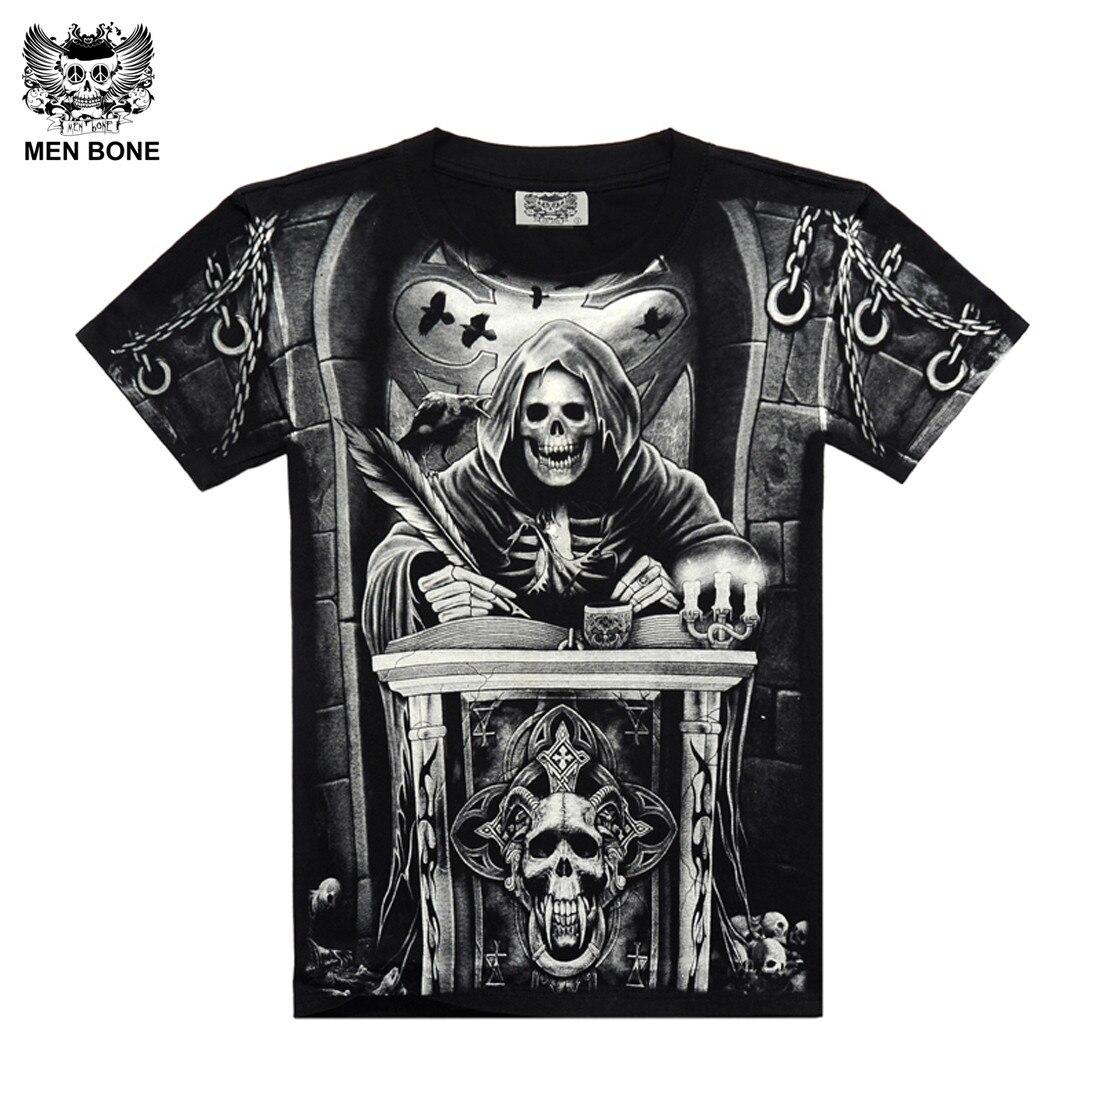 Uomini bone  Stile Heavy Metal grim Reaper skull Maglietta nera Nero  Stampa camicia Hip Hop di strada rock heavy metal maniche ca1e9ce70572